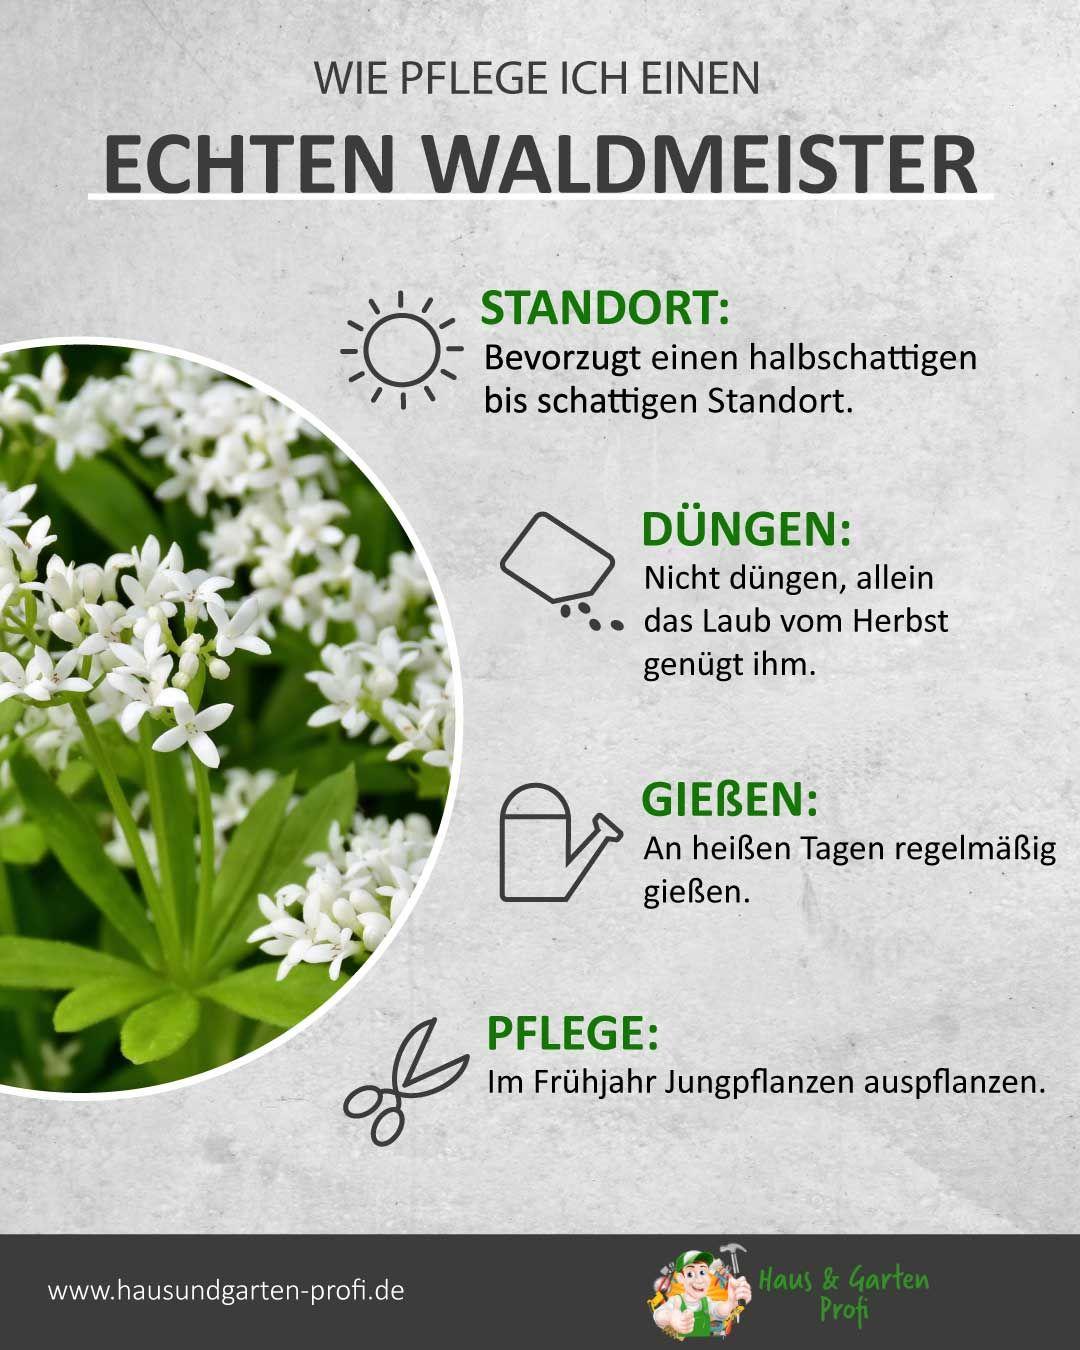 Echter Waldmeister: So einfach geht's (Standort, Düngen, Gießen, Pflege)